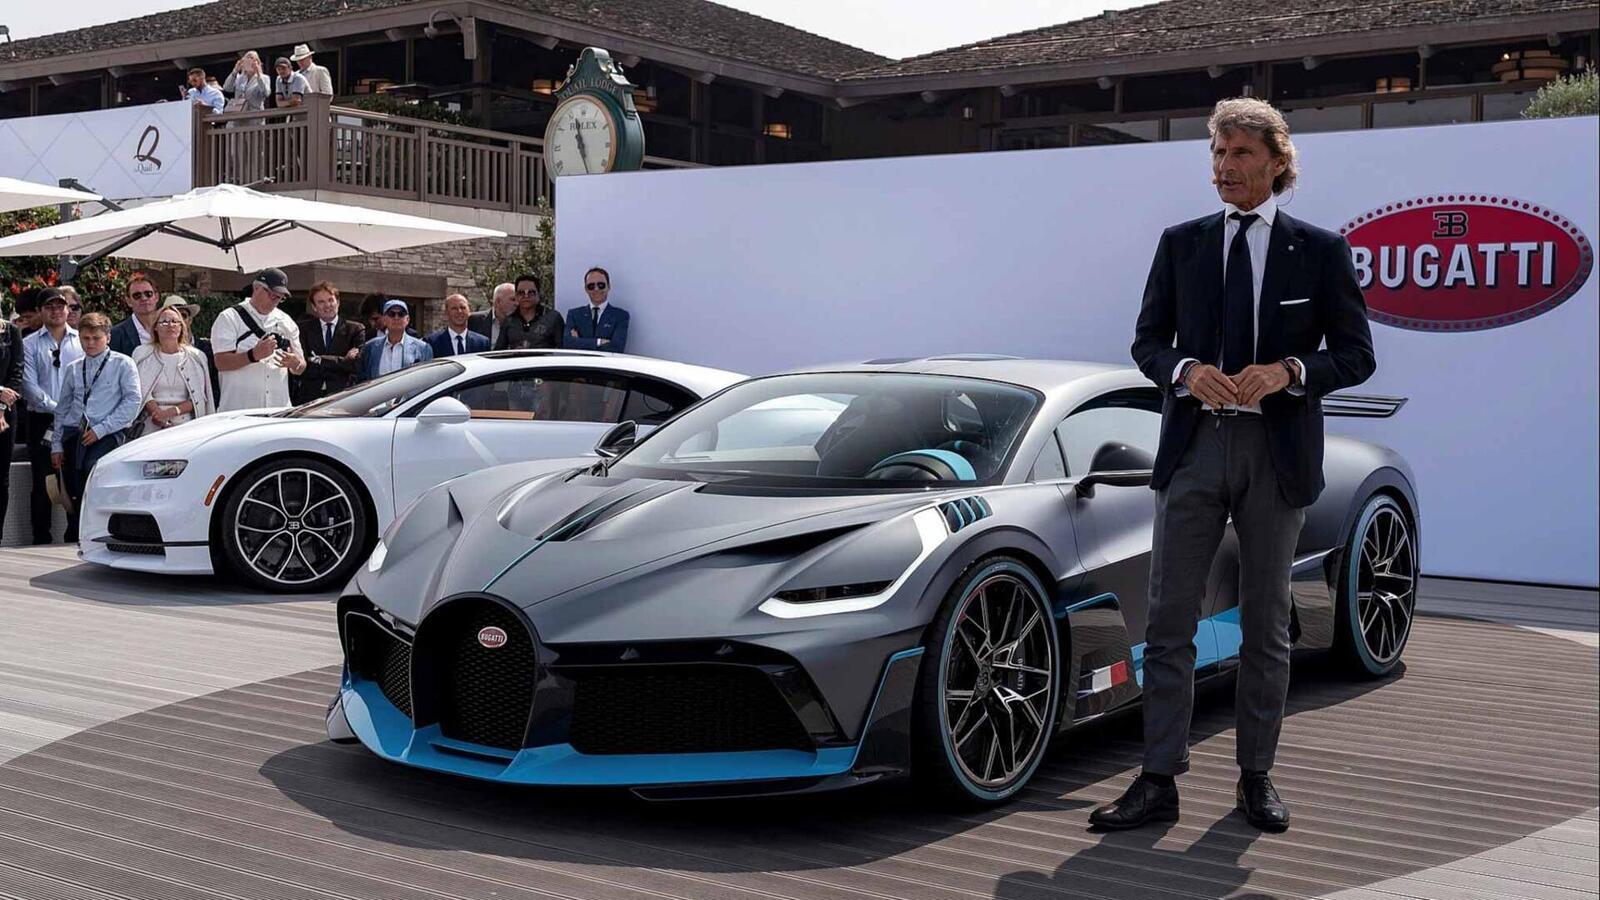 Một trong 40 chiếc Bugatti Divo đang được bán với giá 7,5 triệu USD (hơn 173 tỷ đồng) - Hình 9